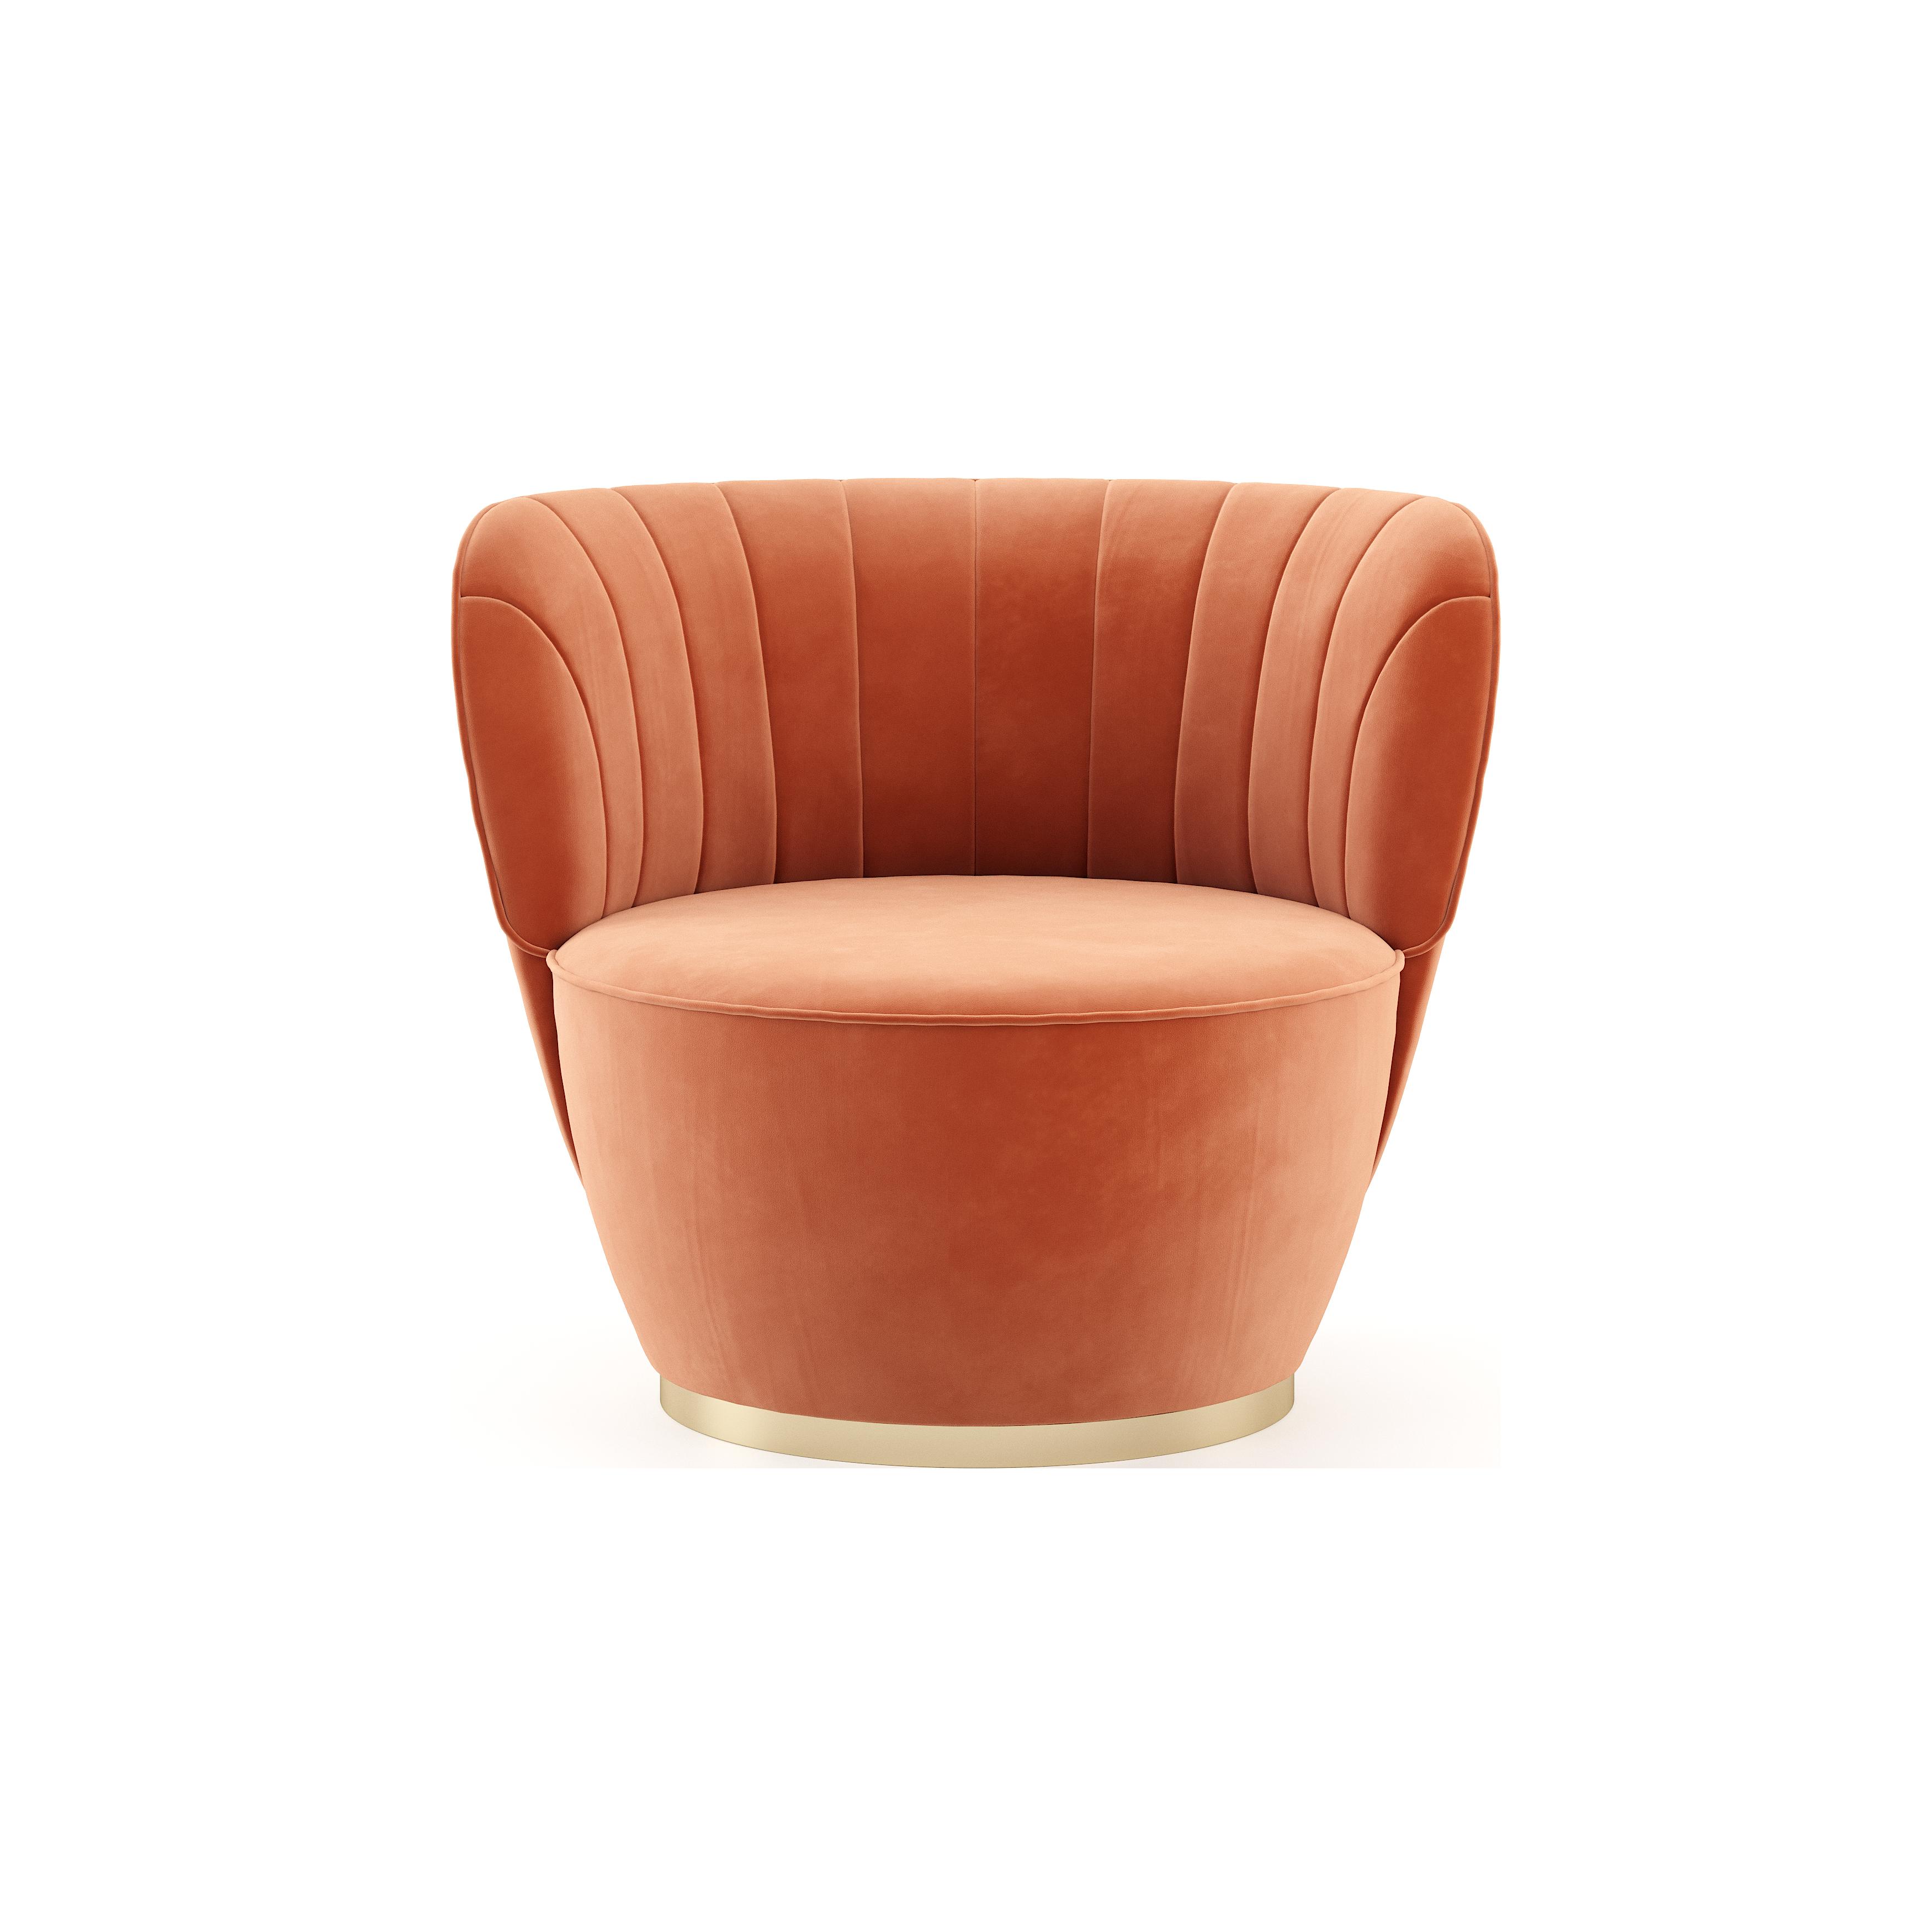 Pearl Armchair by Domkapa